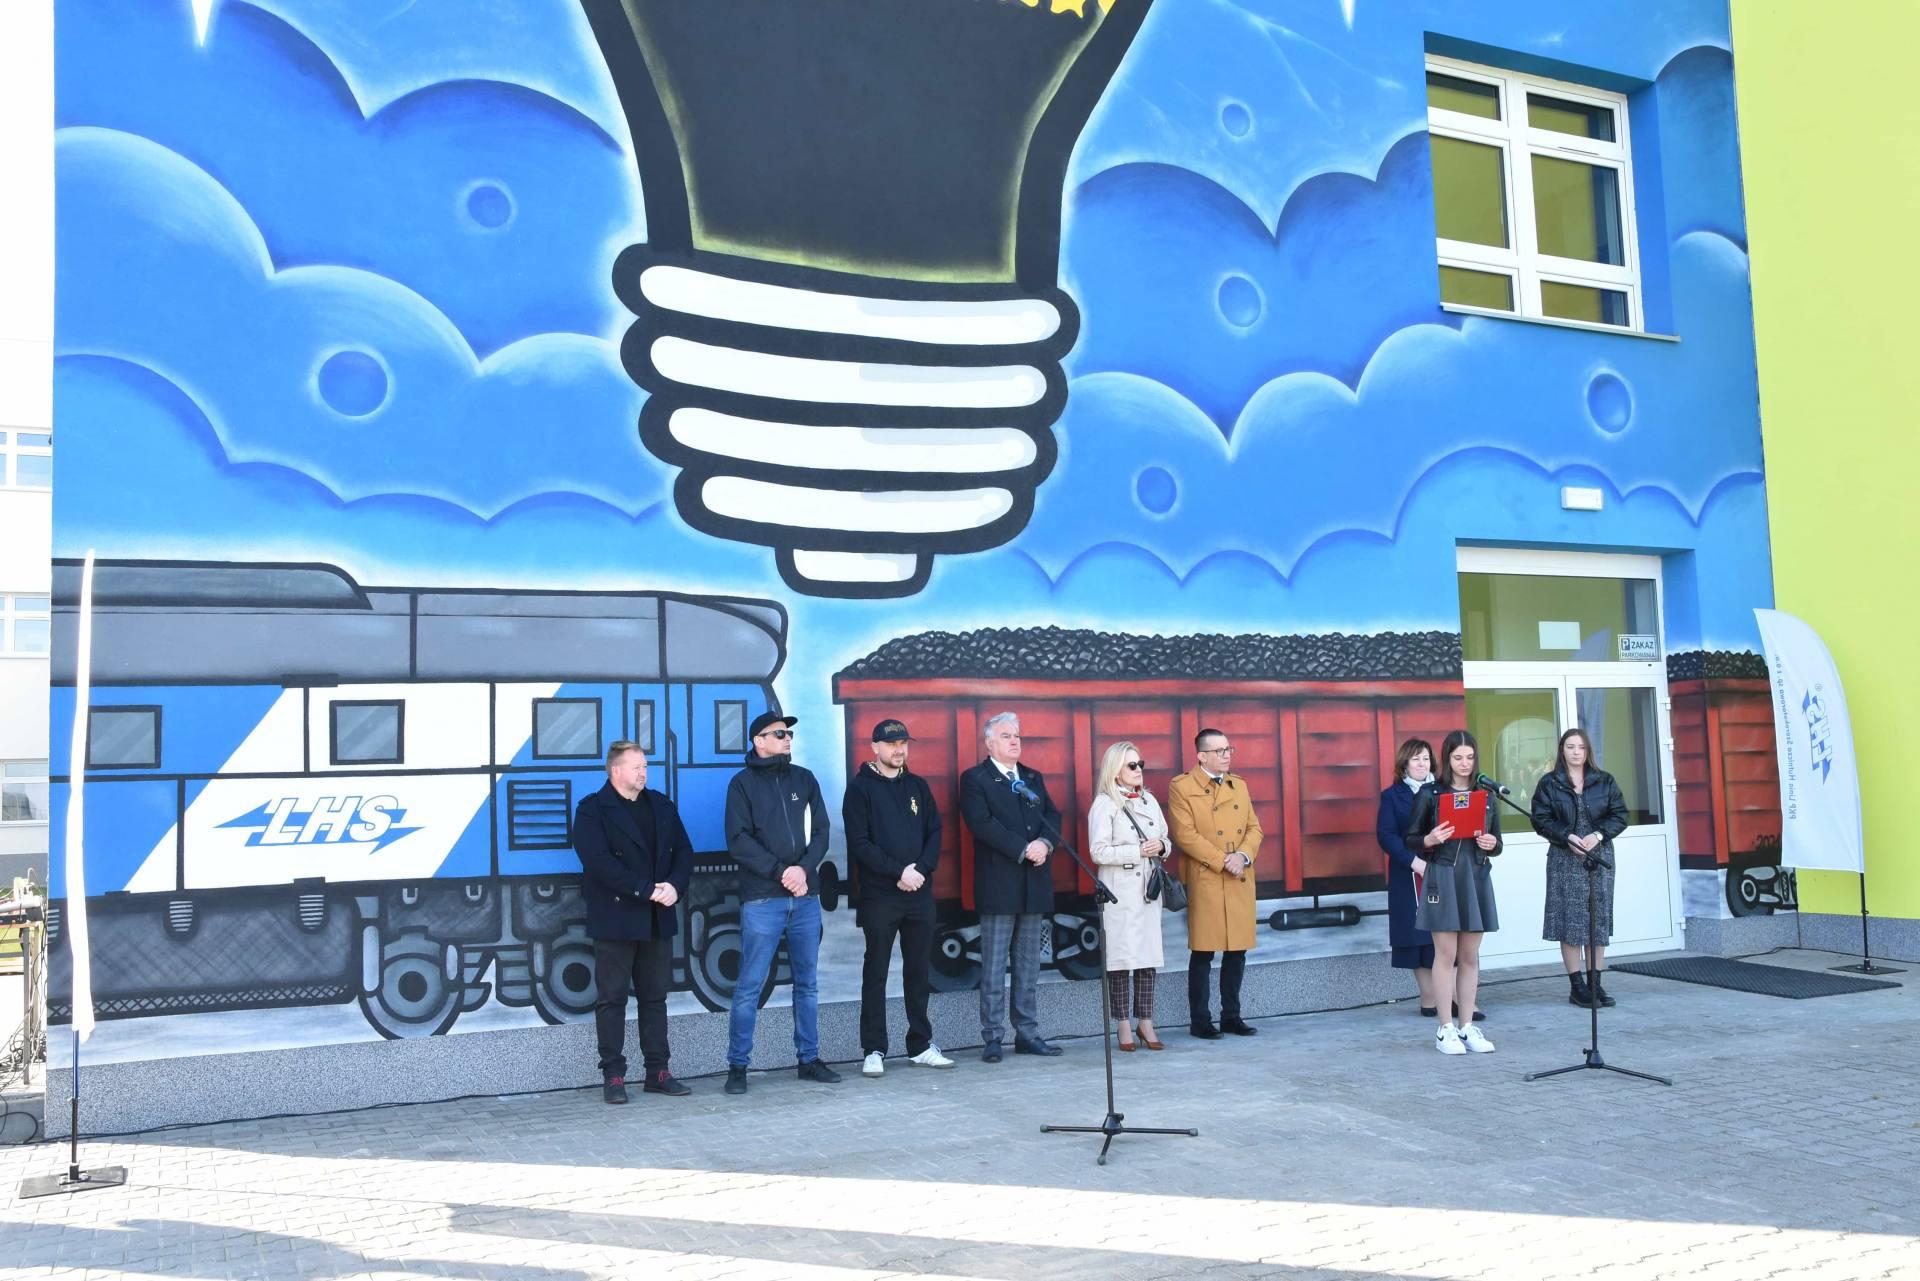 dsc 5616 Nowy mural zdobi budynek zamojskiego